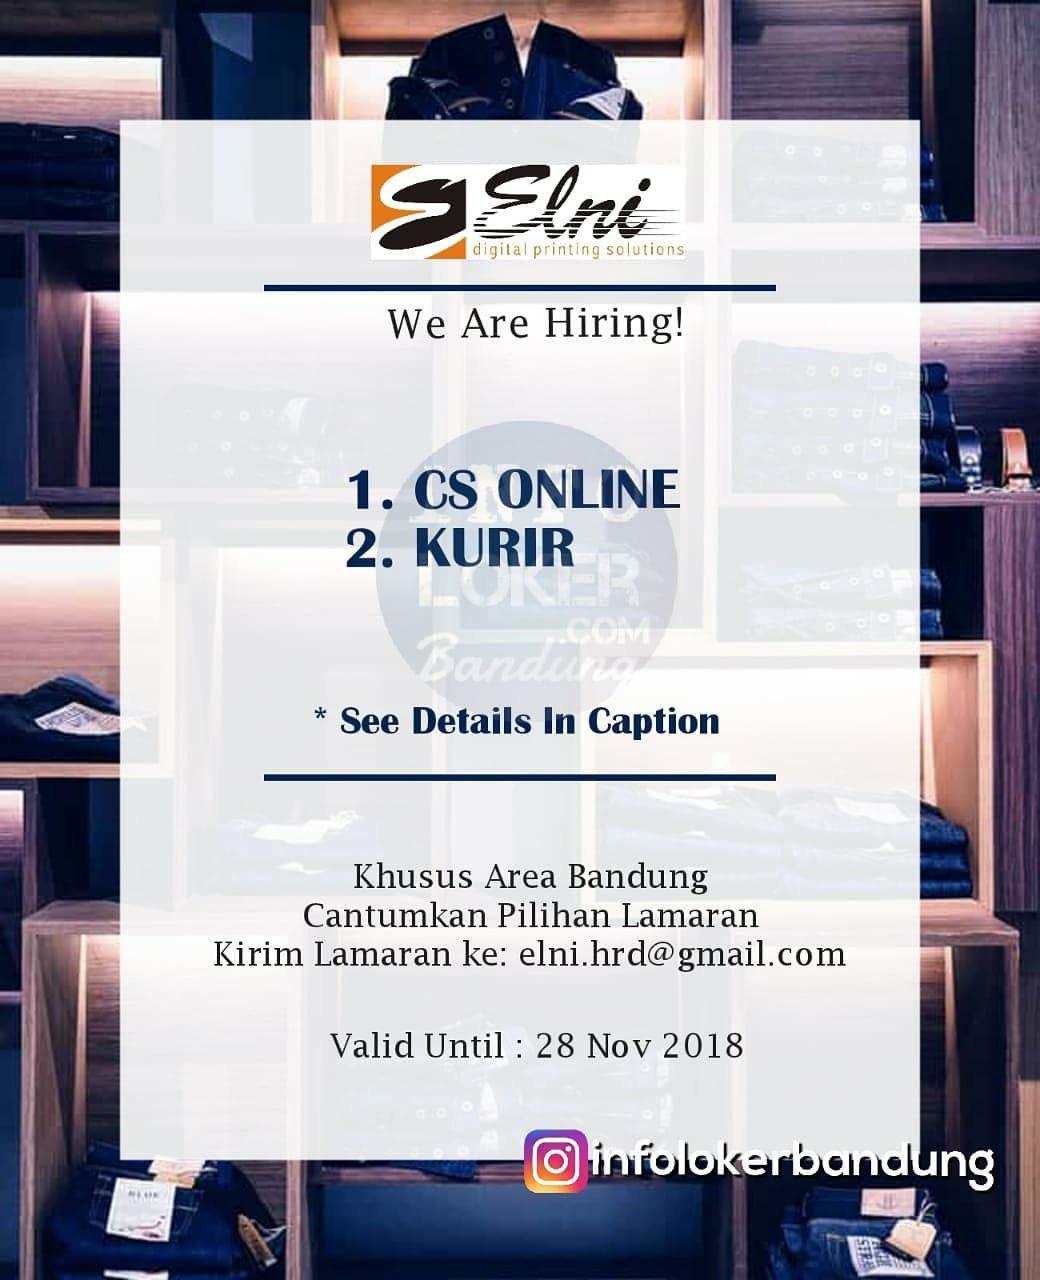 Lowongan Kerja PT.Elni Digital Printing Bandung November 2018